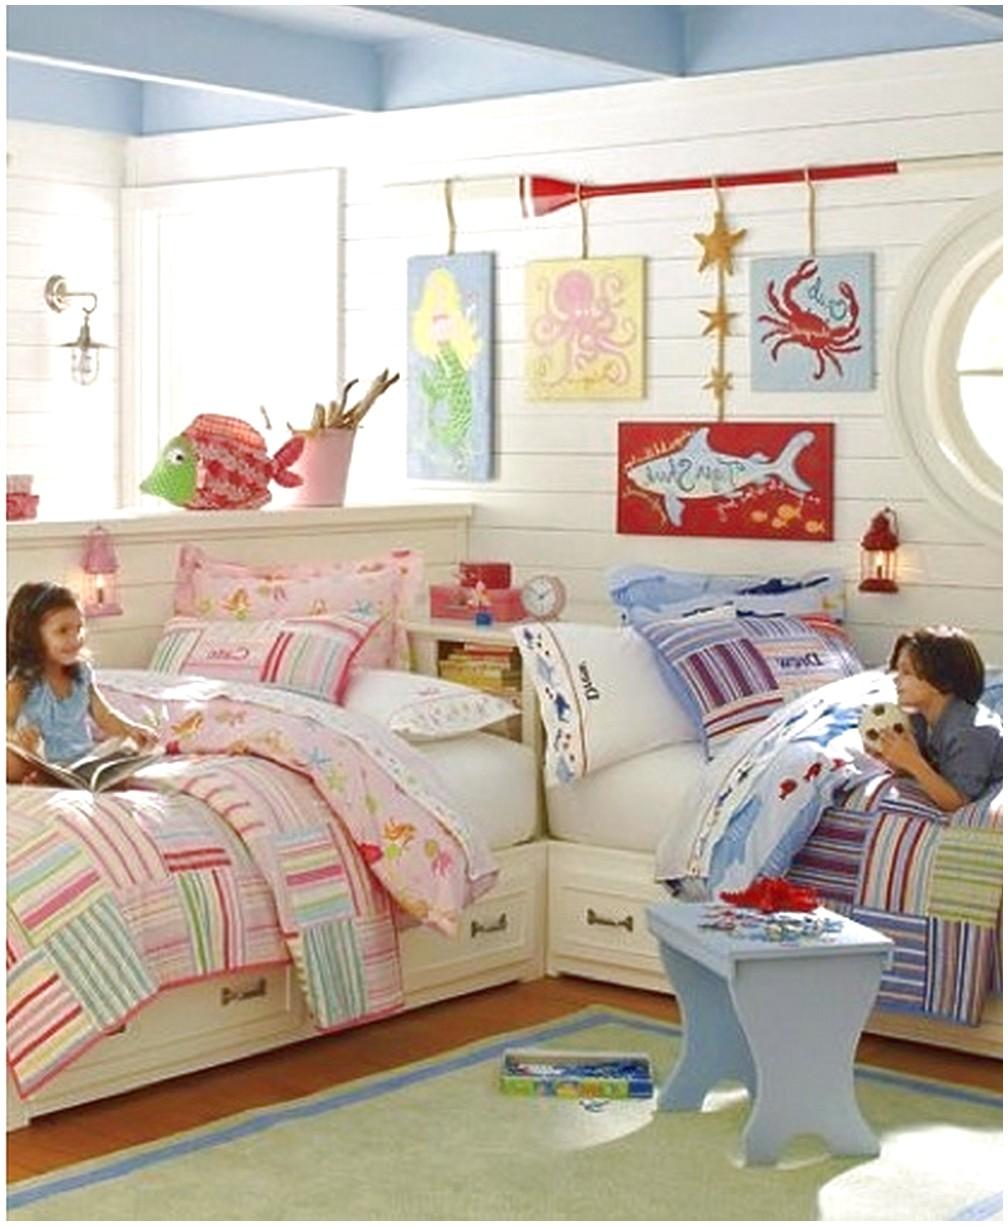 Boy And Girl Sharing A Bedroom Ideas For Decorating: Reshenie-detskoj-dlya-dvojnyashek